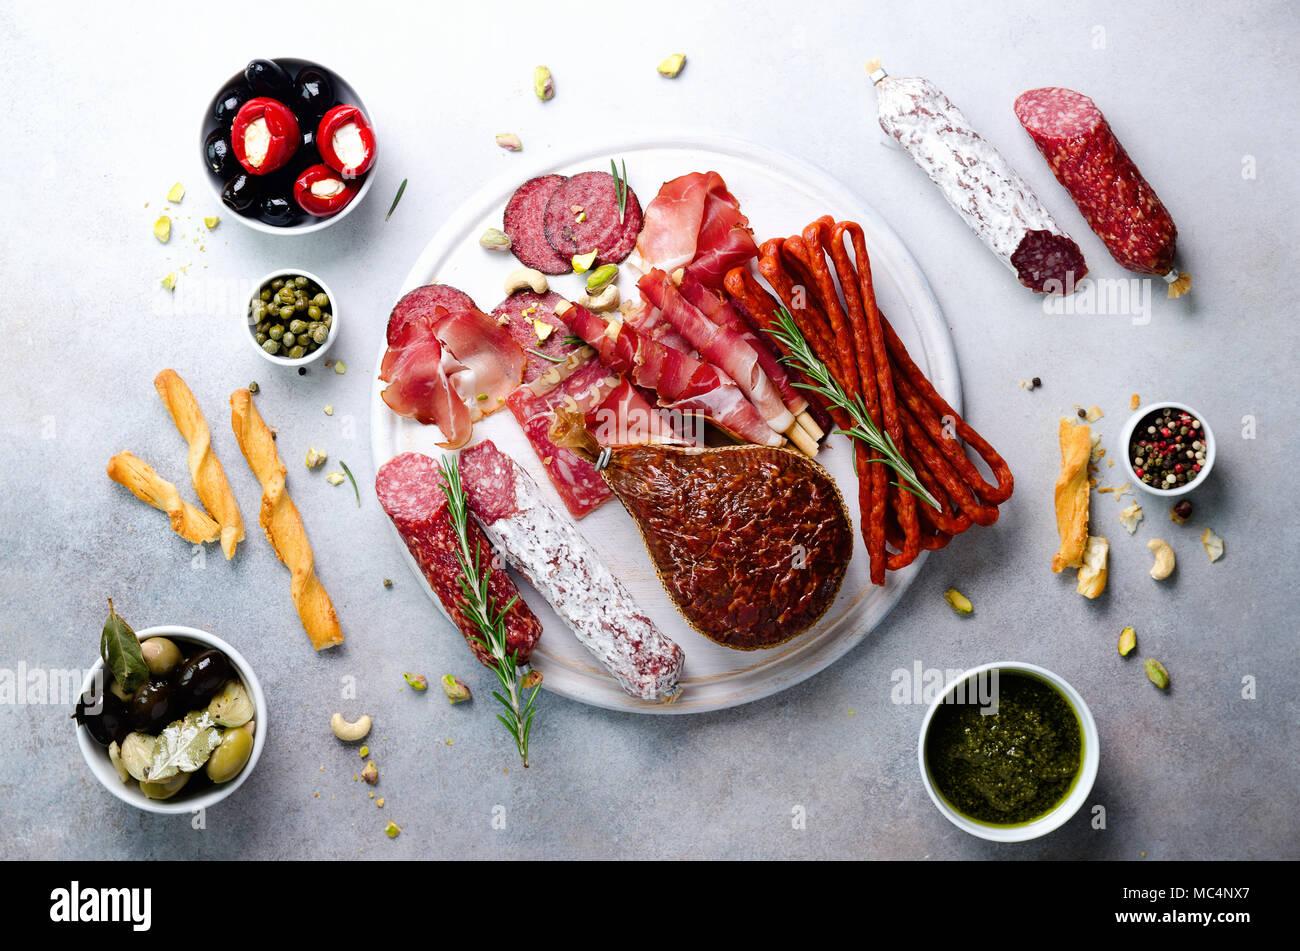 Traditionelle italienische Antipasti, Schneidbrett mit Salami, kalt geräucherte Fleisch, Schinken, Schinken, Käse, Oliven, Kapern auf grauem Hintergrund. Fleisch und Käse Vorspeise. Top Anzeigen, Kopieren, flach Stockbild